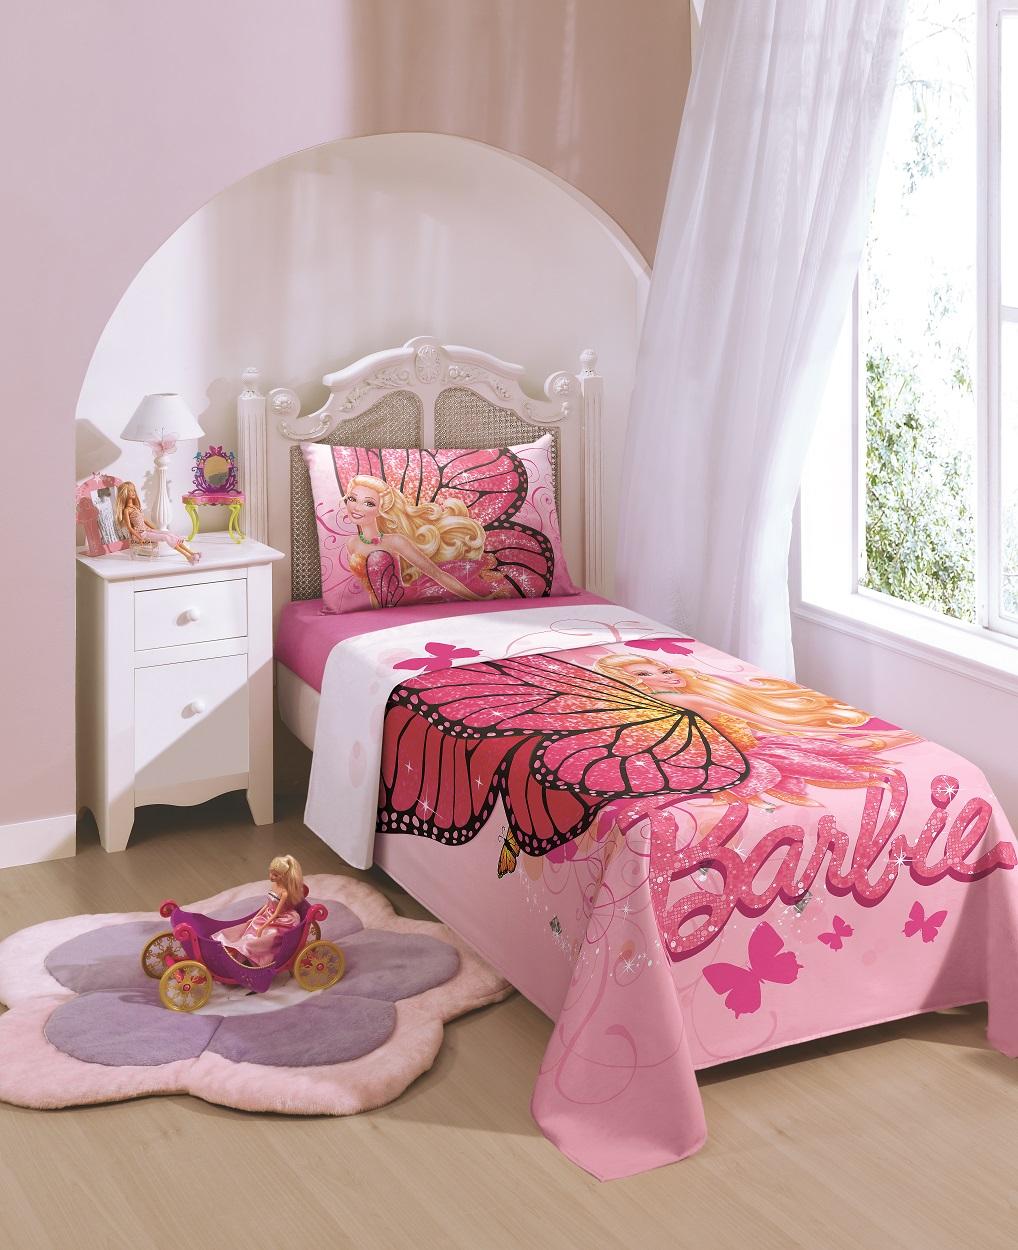 19744b17f4 Outubro é o mês das Crianças  dica de presente para as meninas!! Por  Mix  Lar. Cod. 2895 -JG de Cama Barbie Solteiro - Cor 5